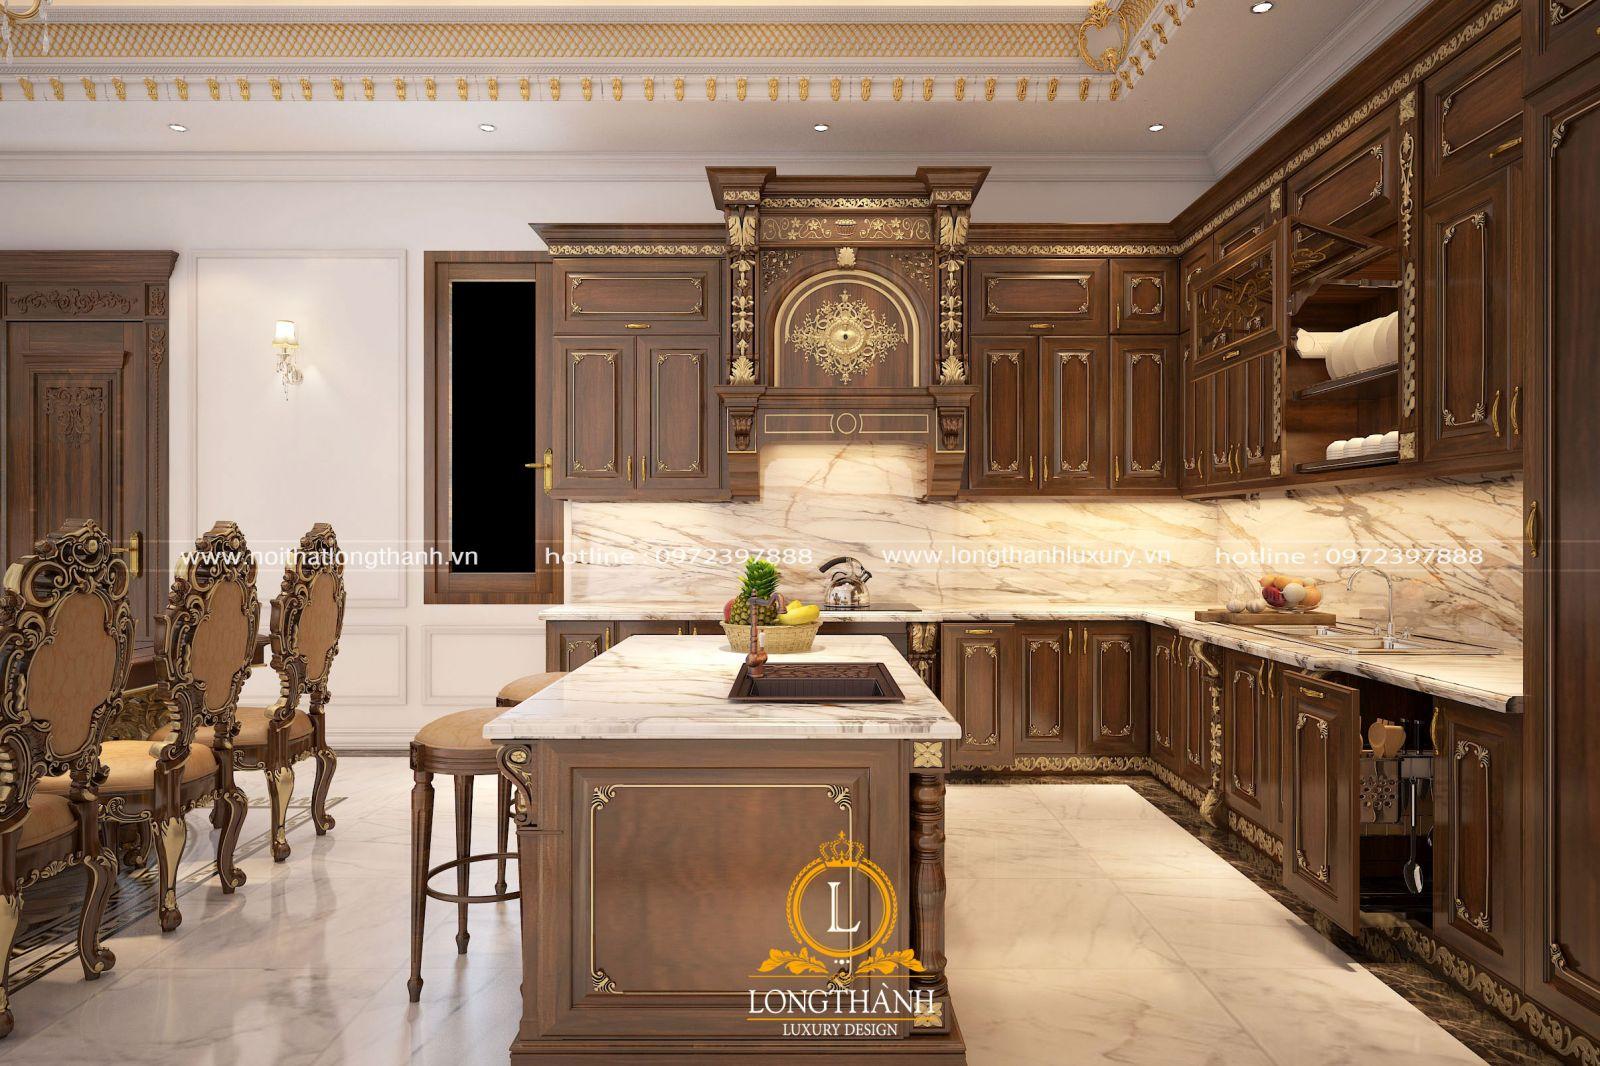 Tủ bếp gỗ gõ thiết kế theo phong cách tân cổ điển là mẫu tủ bếp đẹp nhất